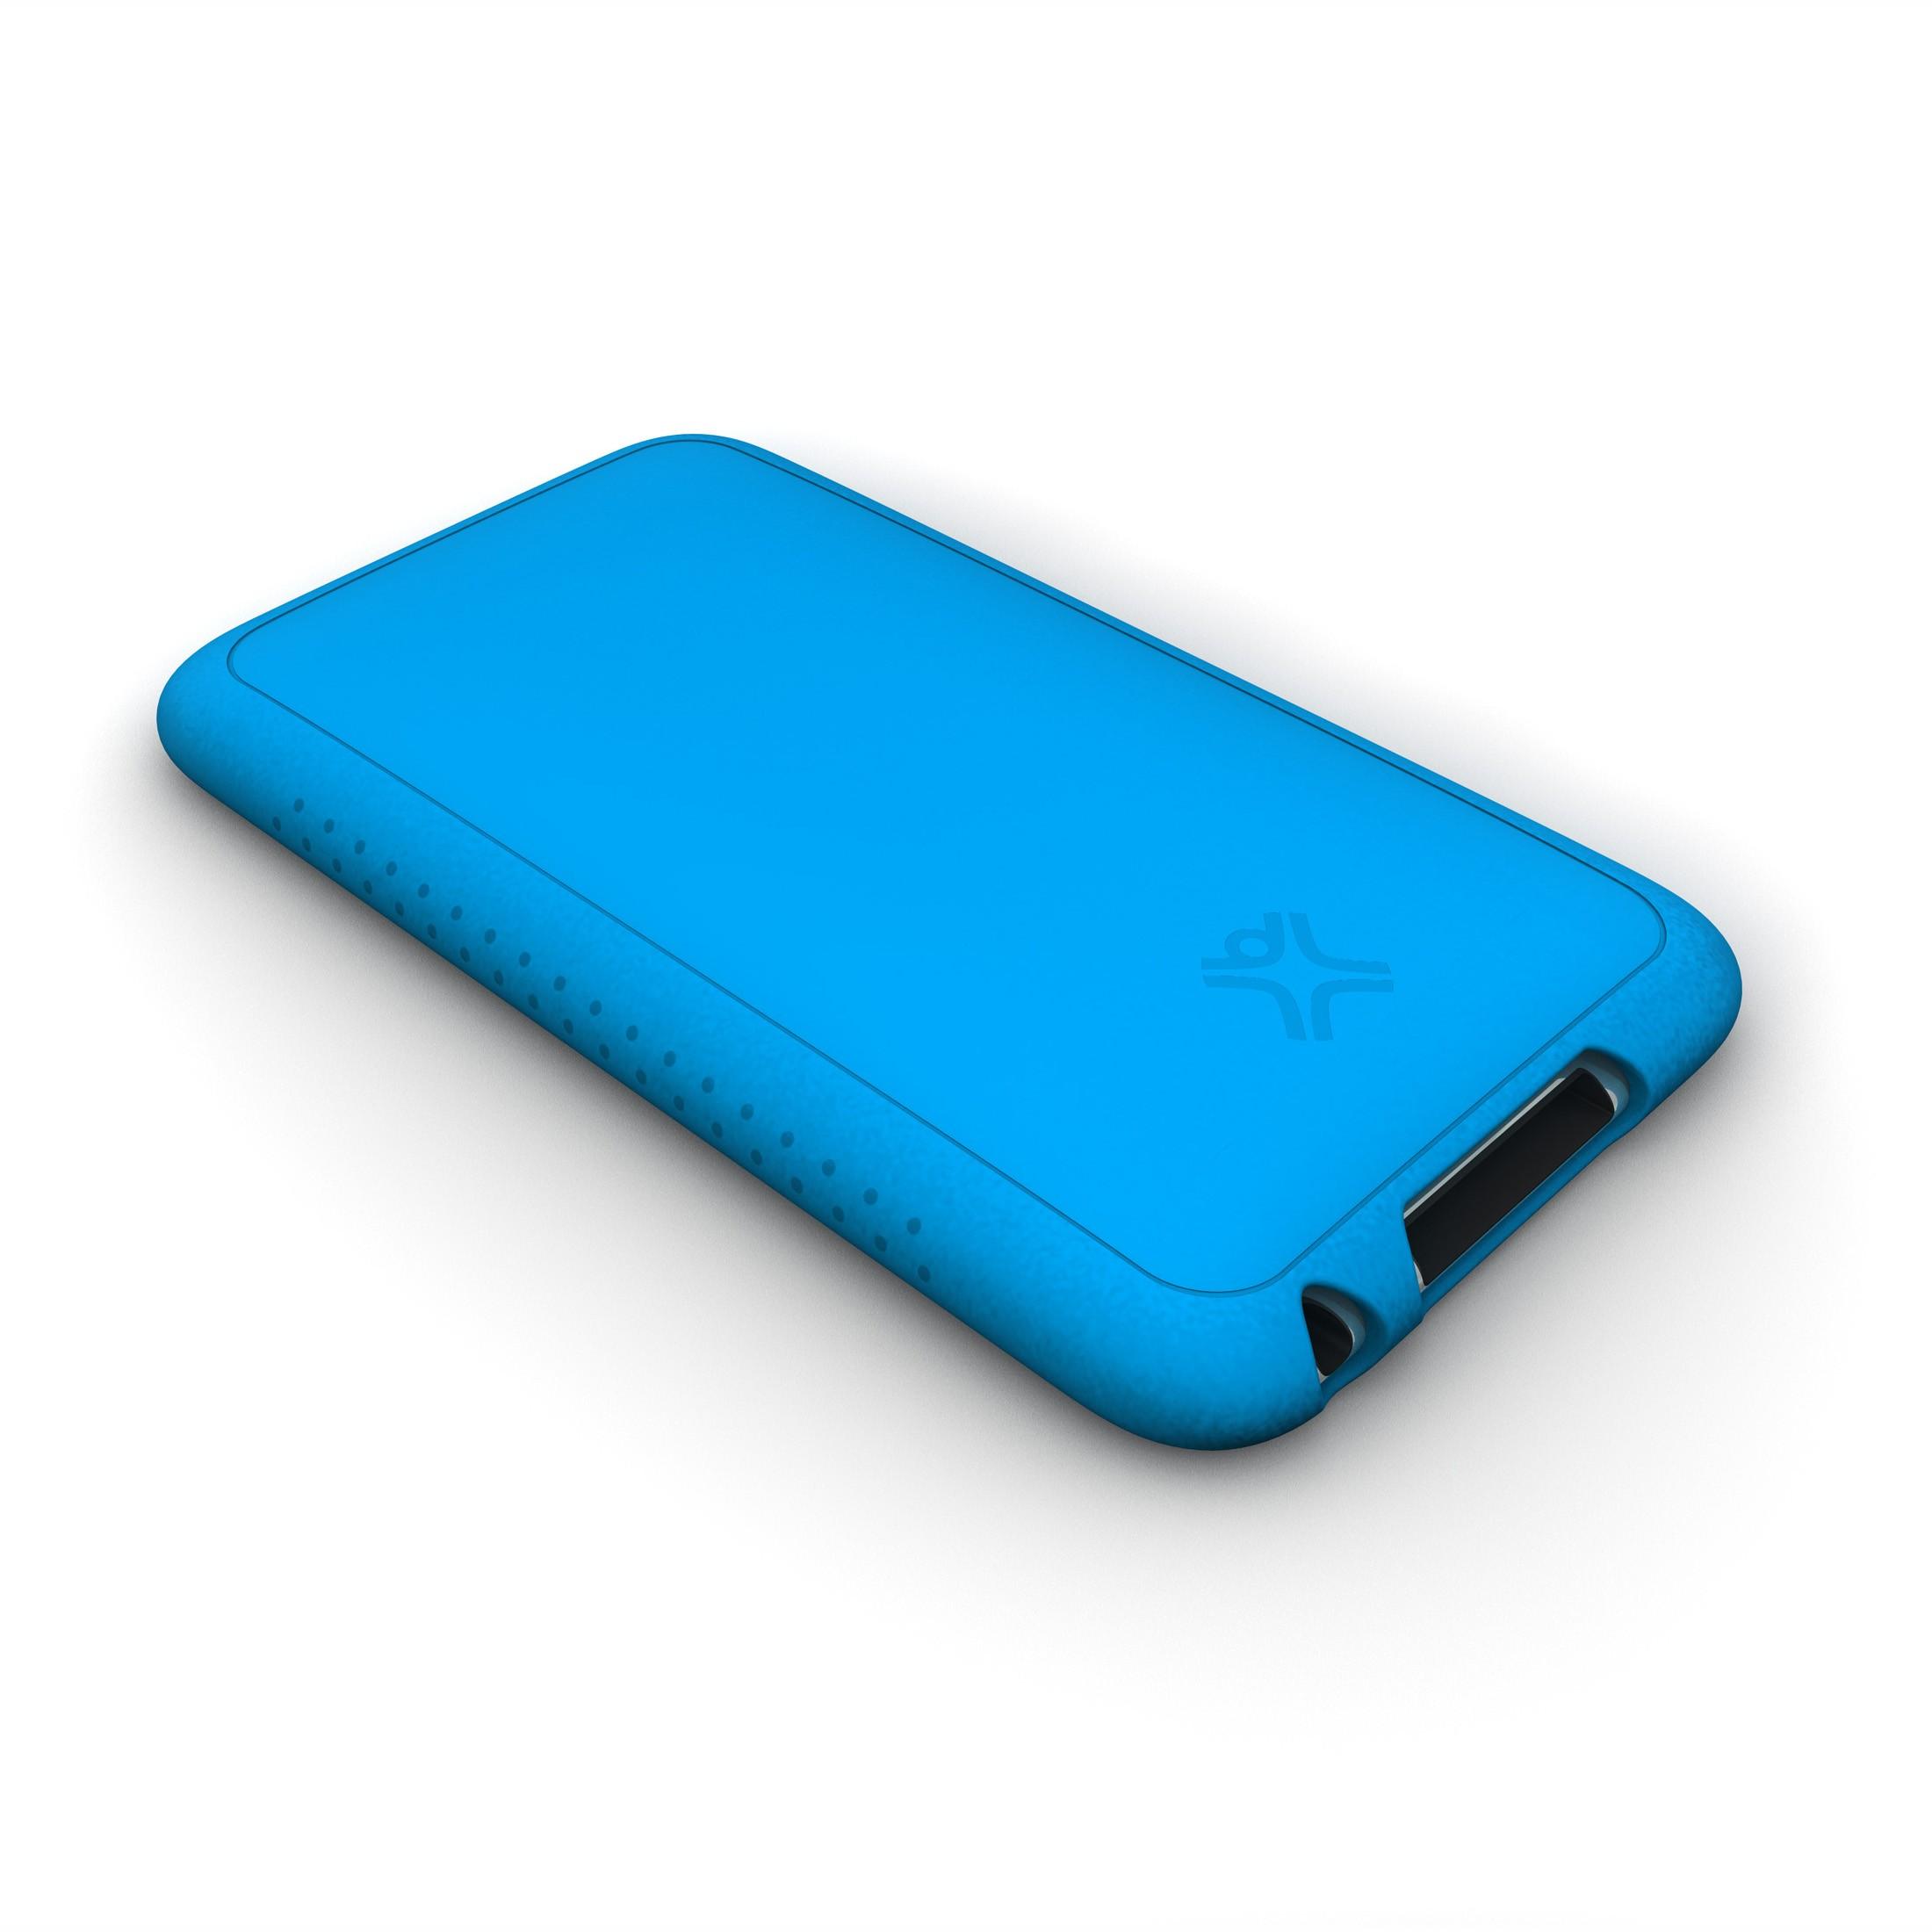 XtremeMac Tuffwrap til iPod Touch 3G Inkl. Skærmfolie - Blå